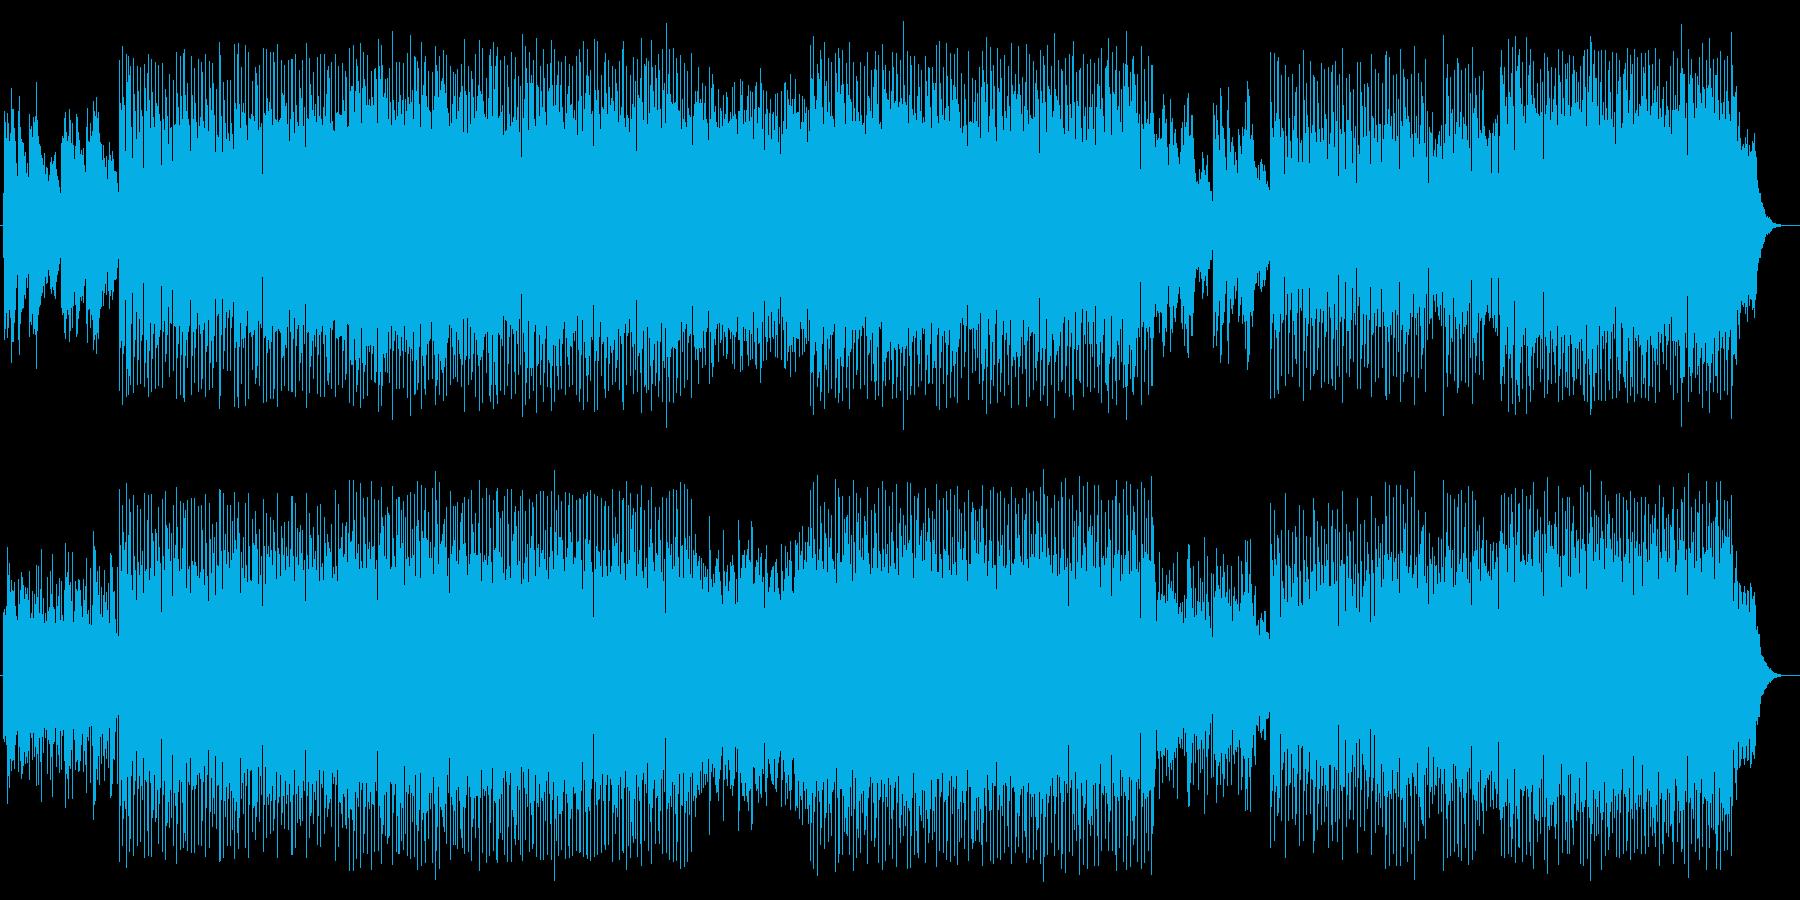 キラキラと宇宙感のシンセサイザーテクノの再生済みの波形